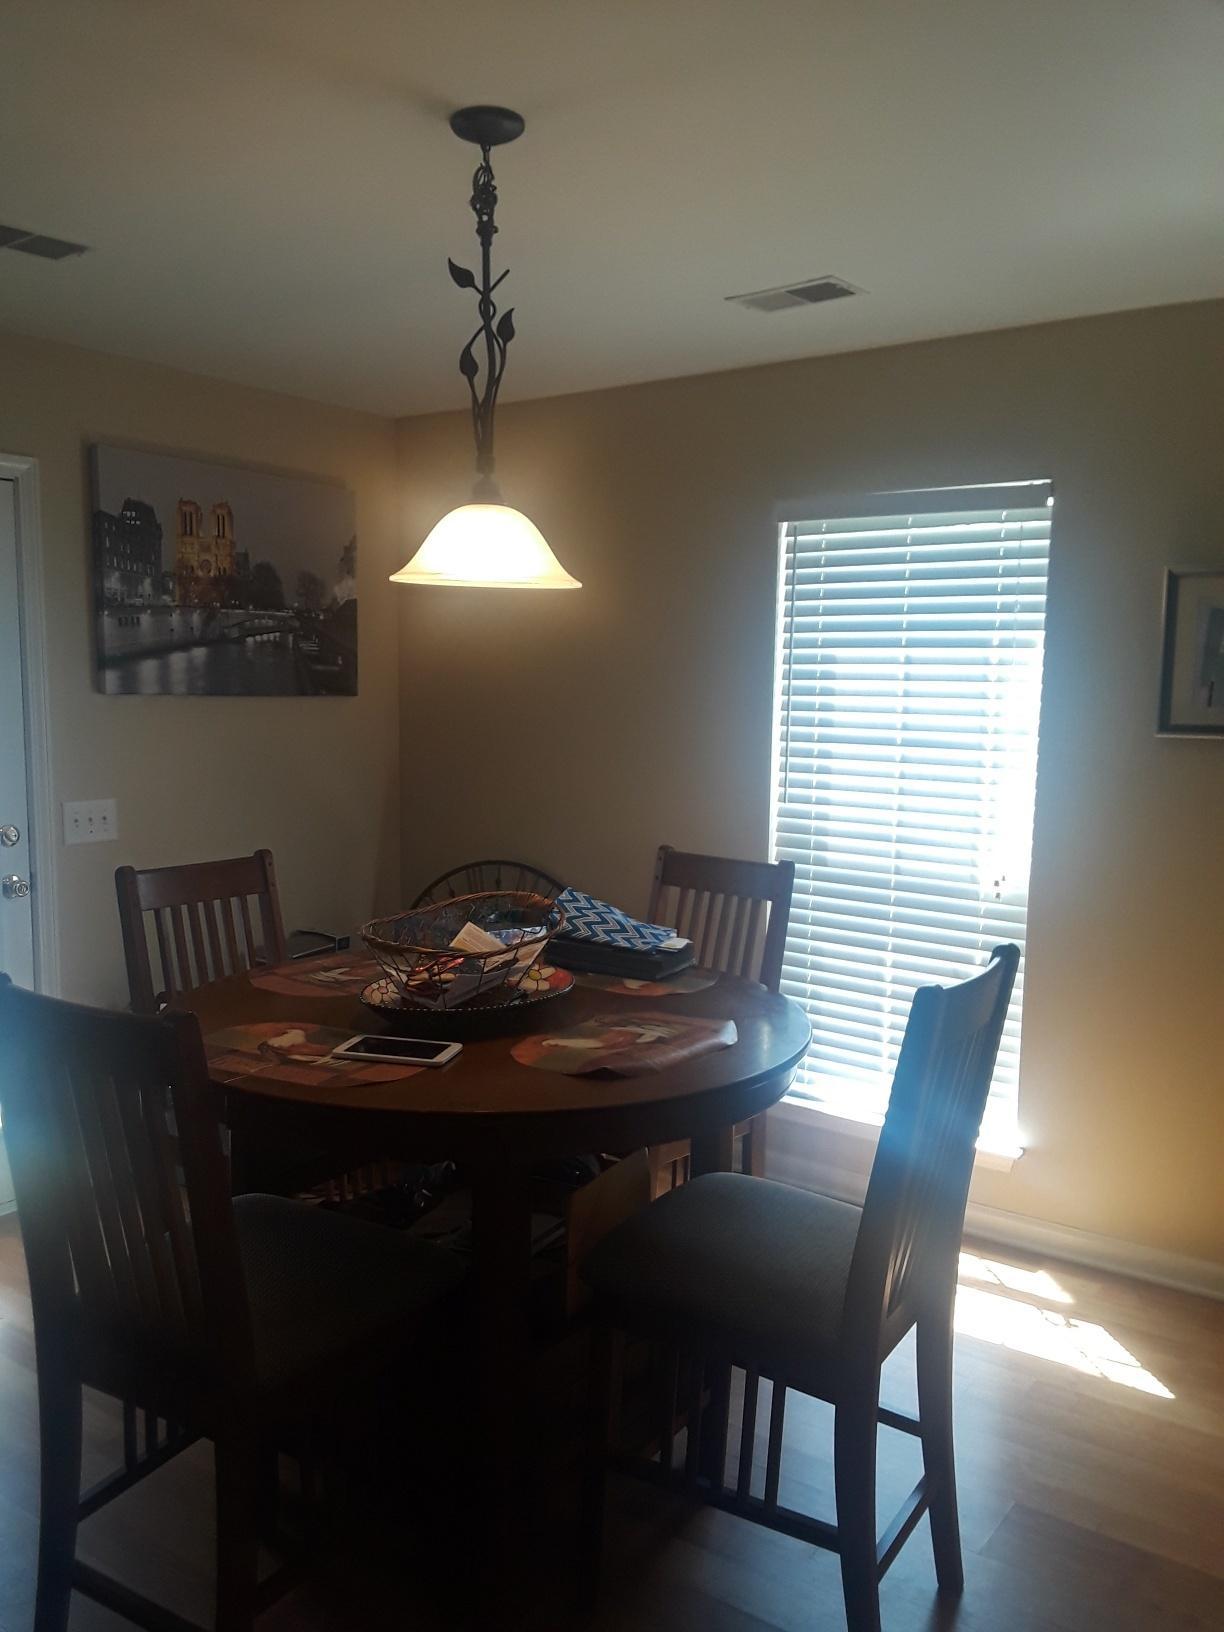 Hamlins Homes For Sale - 1419 Jefferson Road, Mount Pleasant, SC - 6